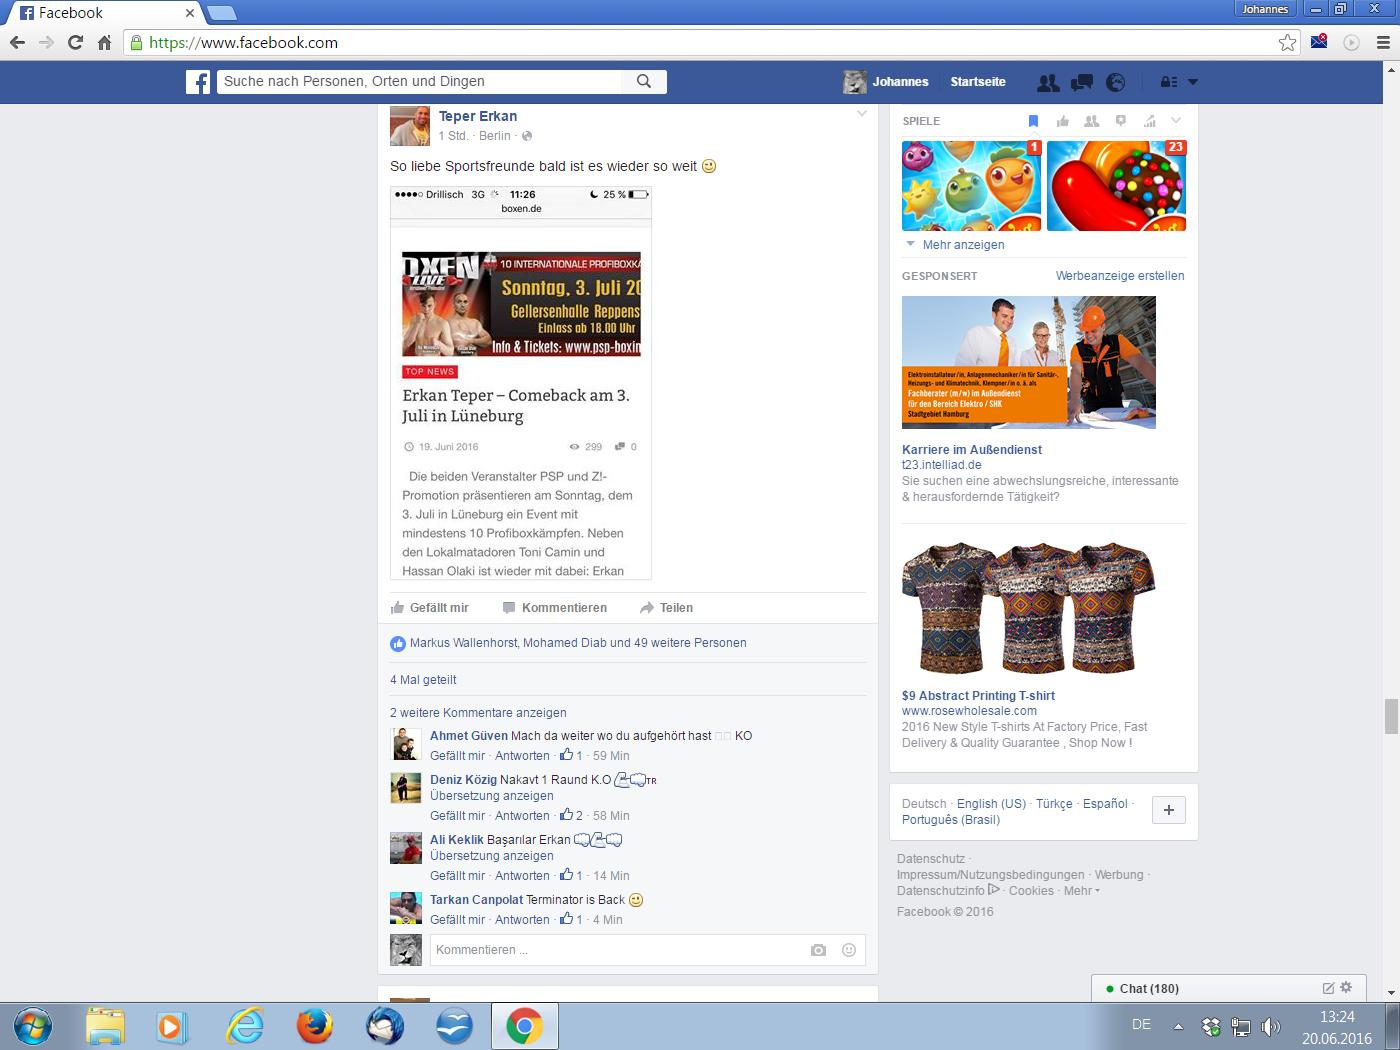 Teper Facebook